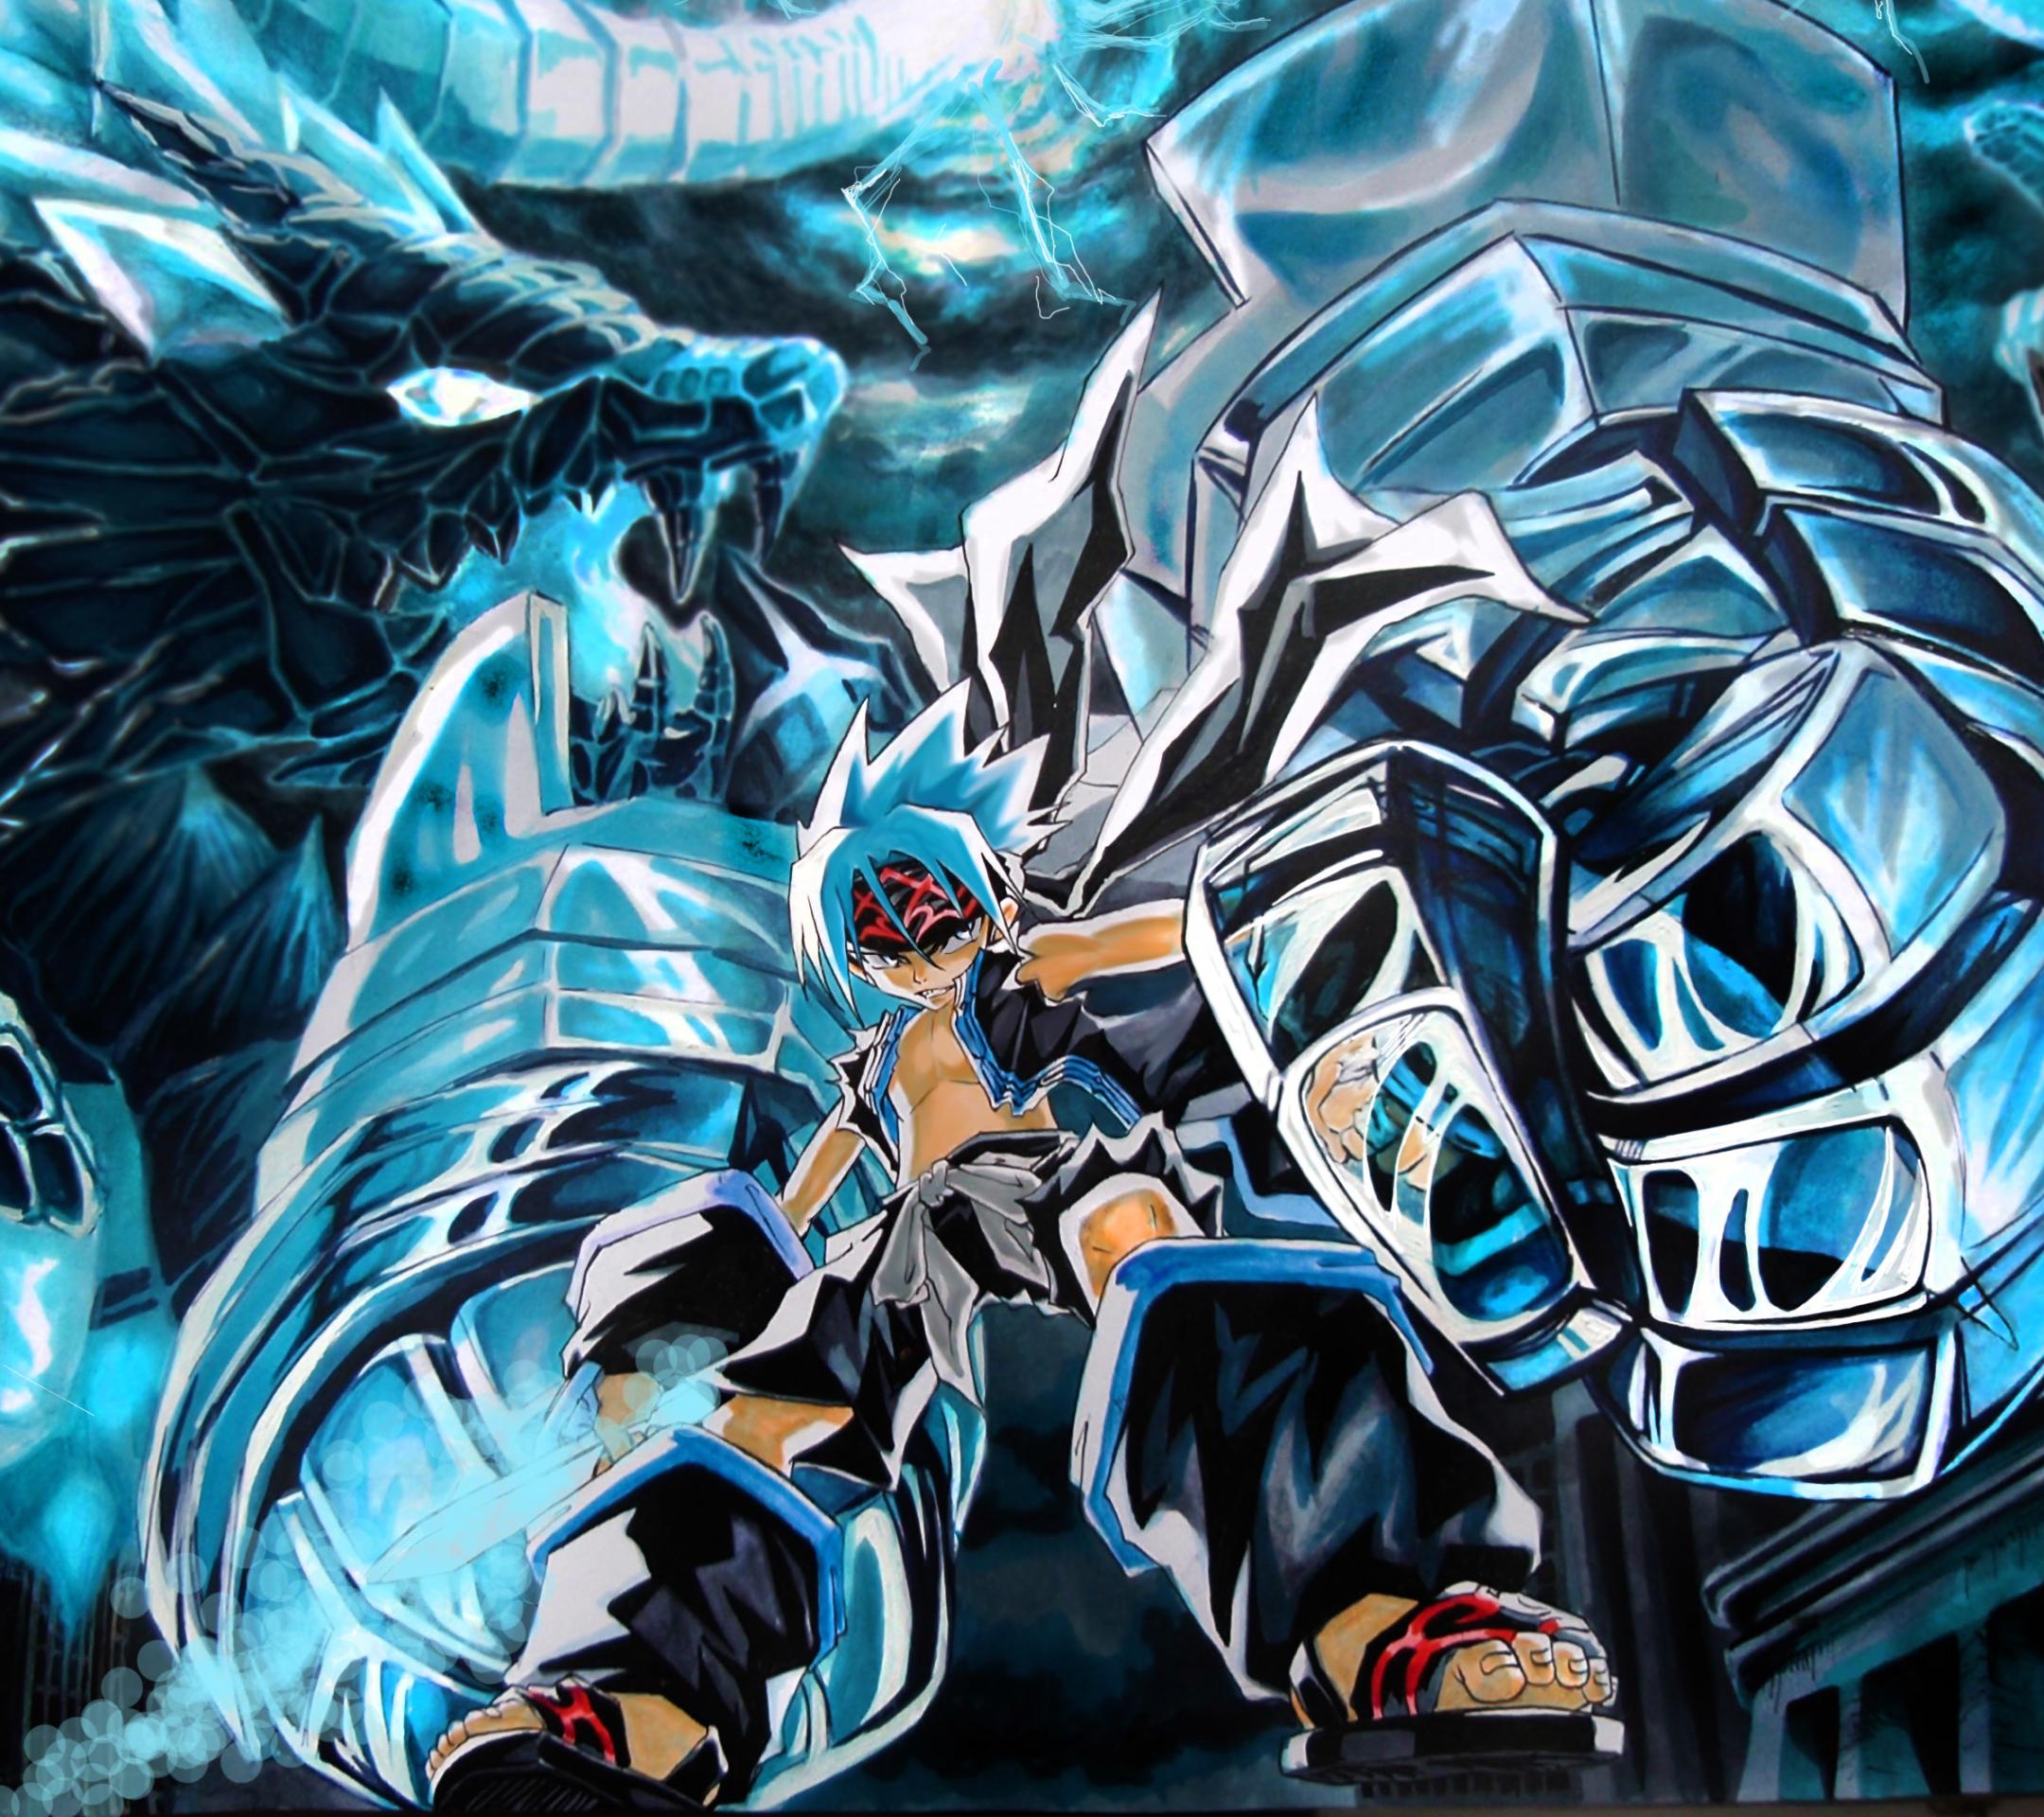 Shaman King Wallpaper Posted By John Mercado